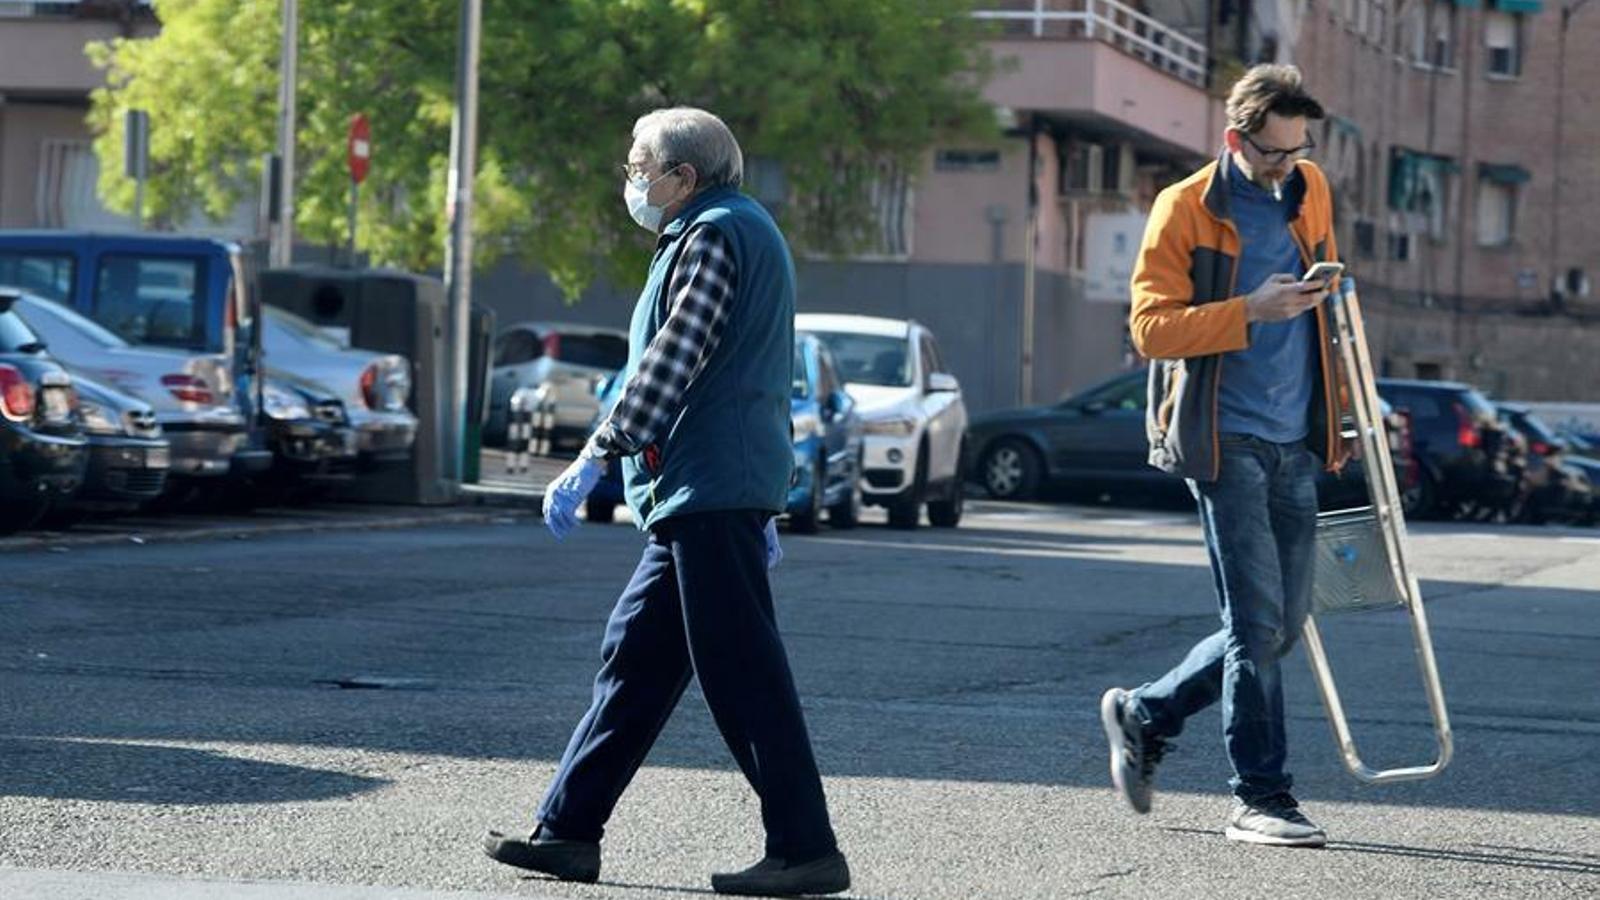 Dos veïns del barri madrileny de de Vallecas aquest dissabte passejant pel carrer